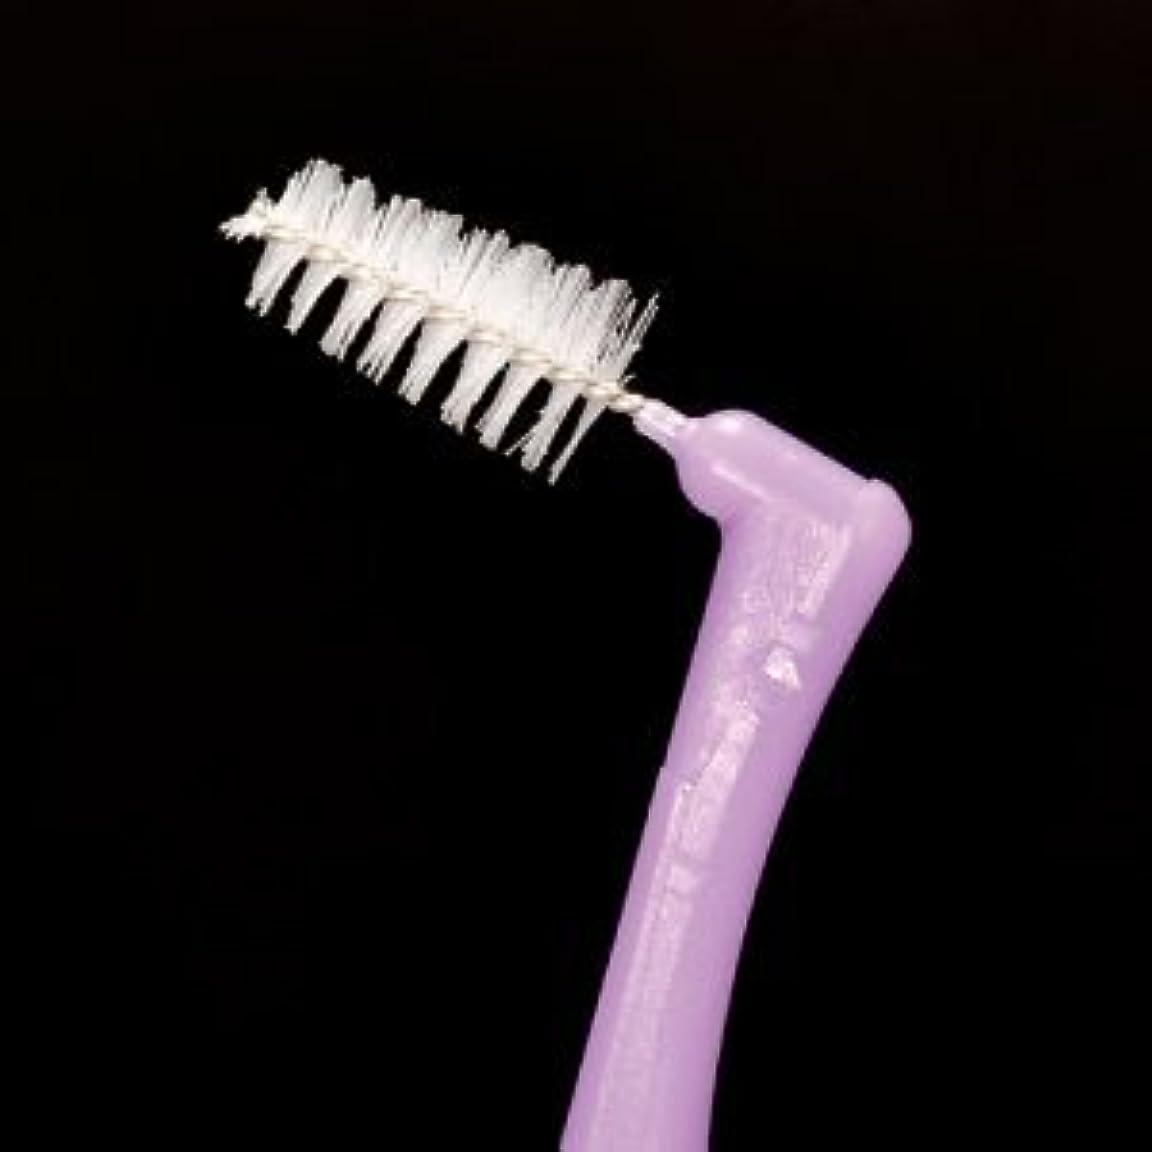 荒野影響する必需品プロスペック 歯間ブラシ アングルアクア/L/4本入り